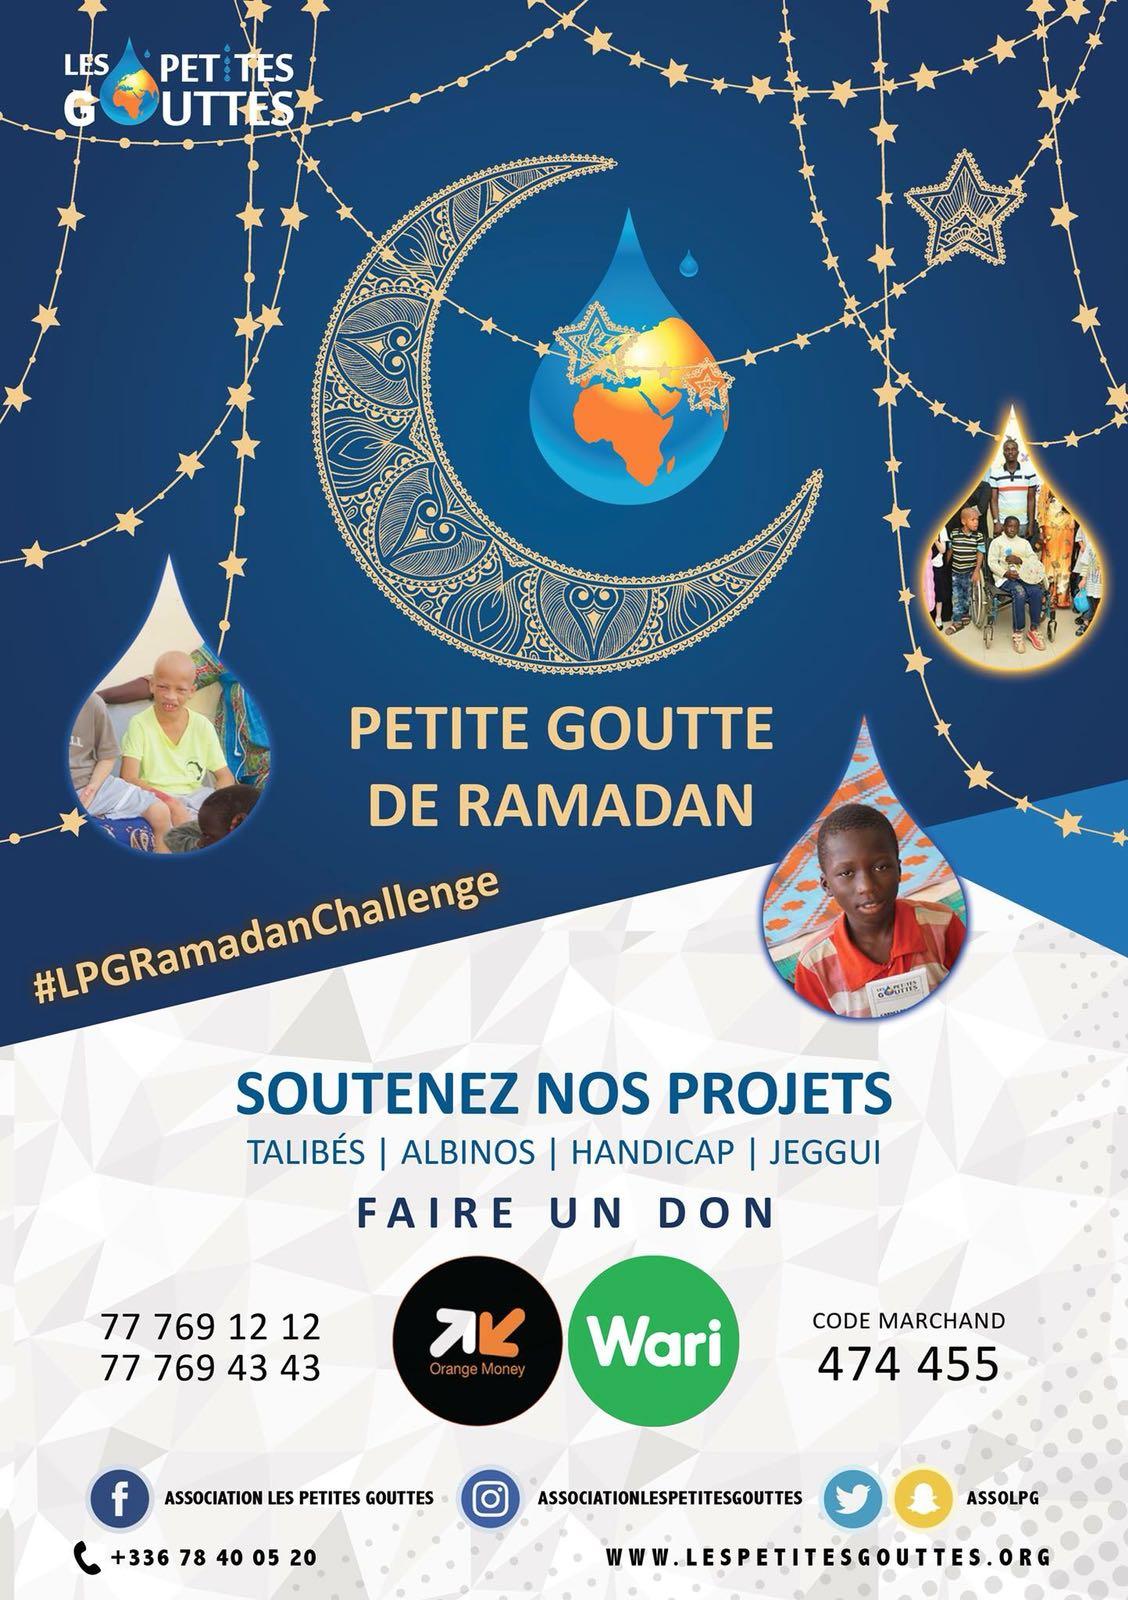 L'association Les Petites Gouttes : le soutien permanent des personnes vulnérables au Sénégal à travers différents projets